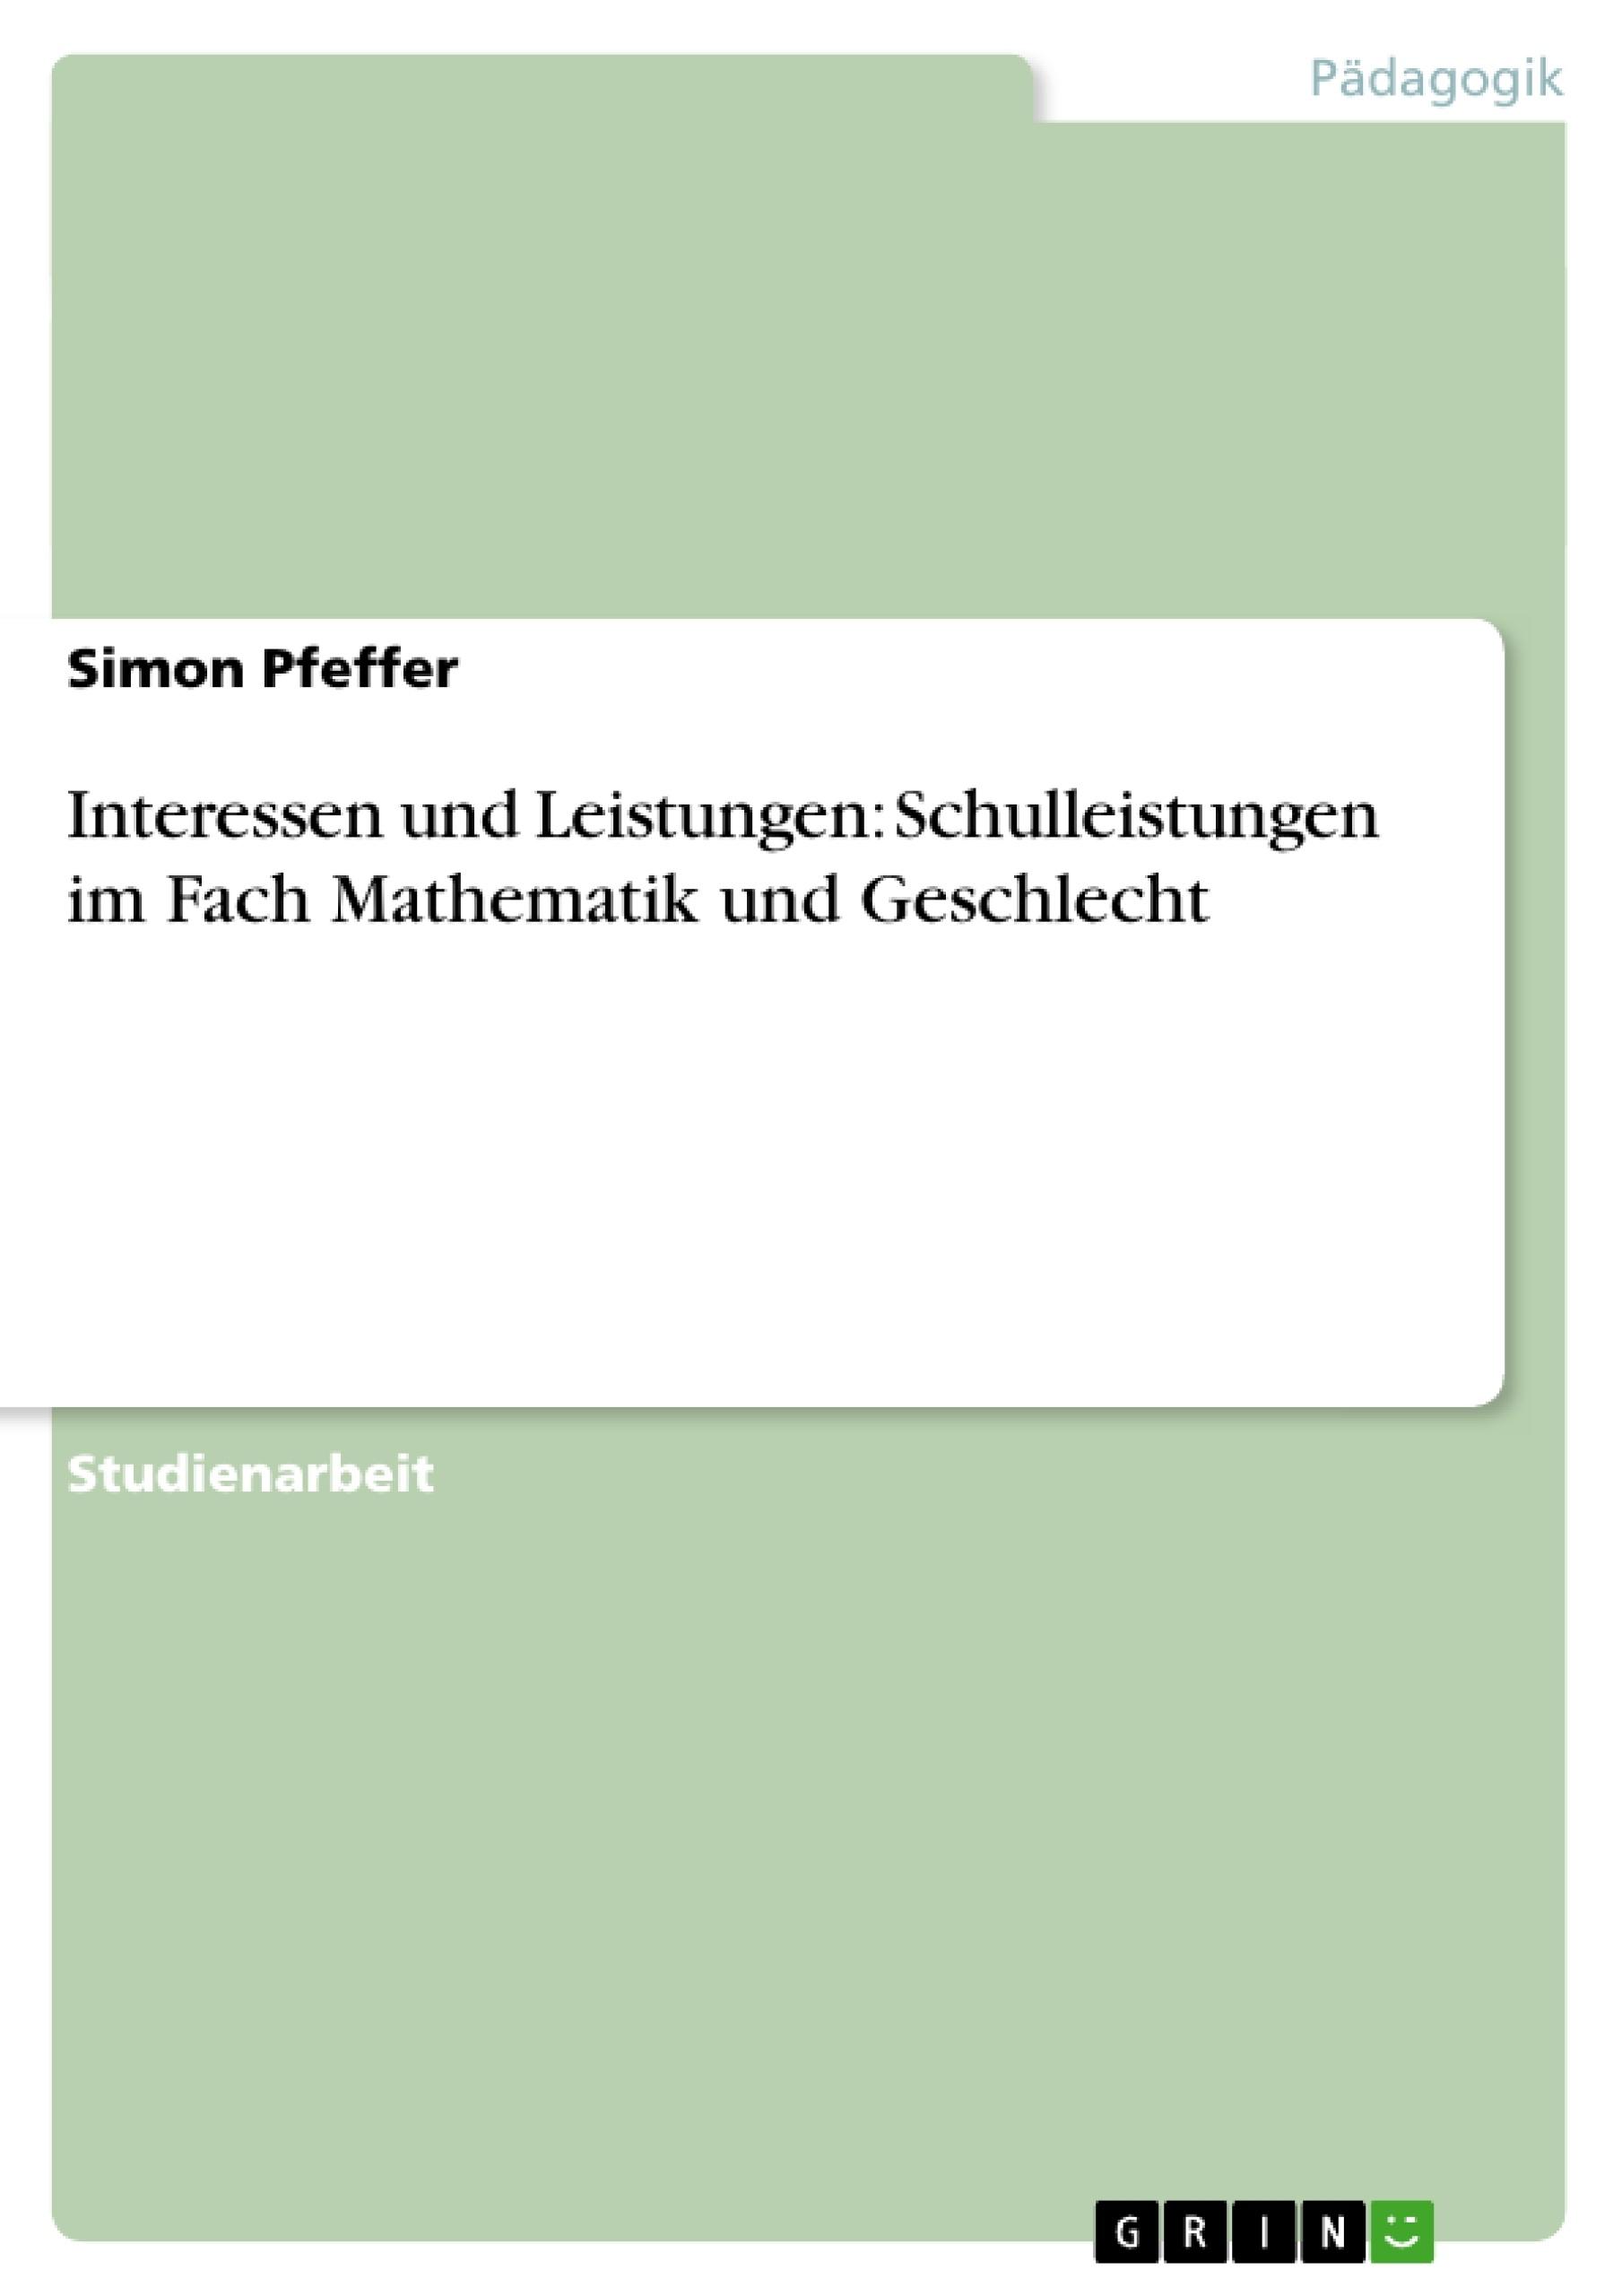 Titel: Interessen und Leistungen: Schulleistungen im Fach Mathematik und Geschlecht